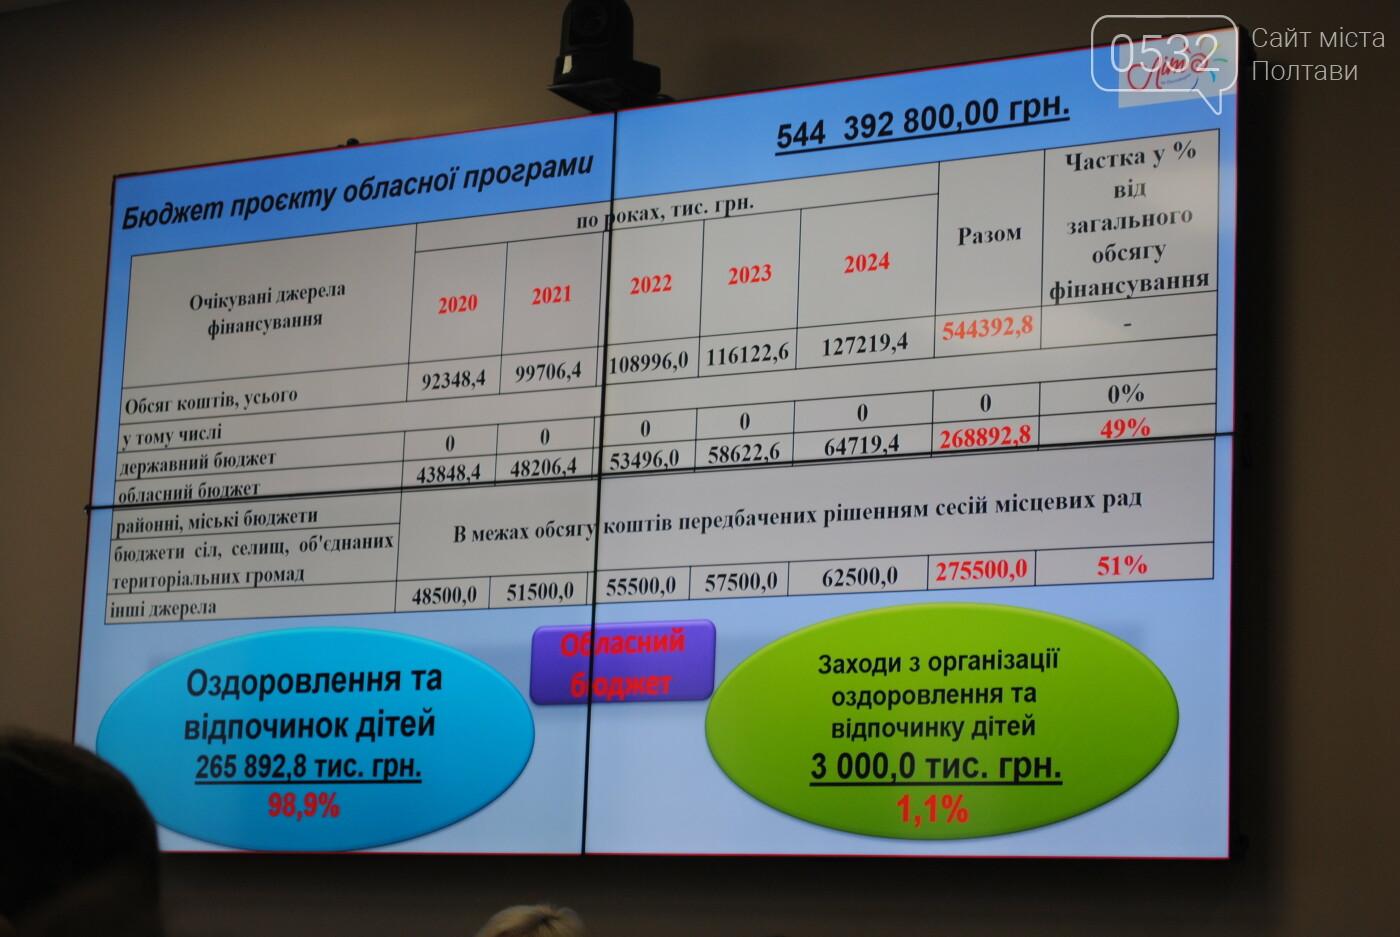 У Полтавській ОДА обговорили проект обласної Програми оздоровлення та відпочинку дітей на 2020-2024 роки, фото-5